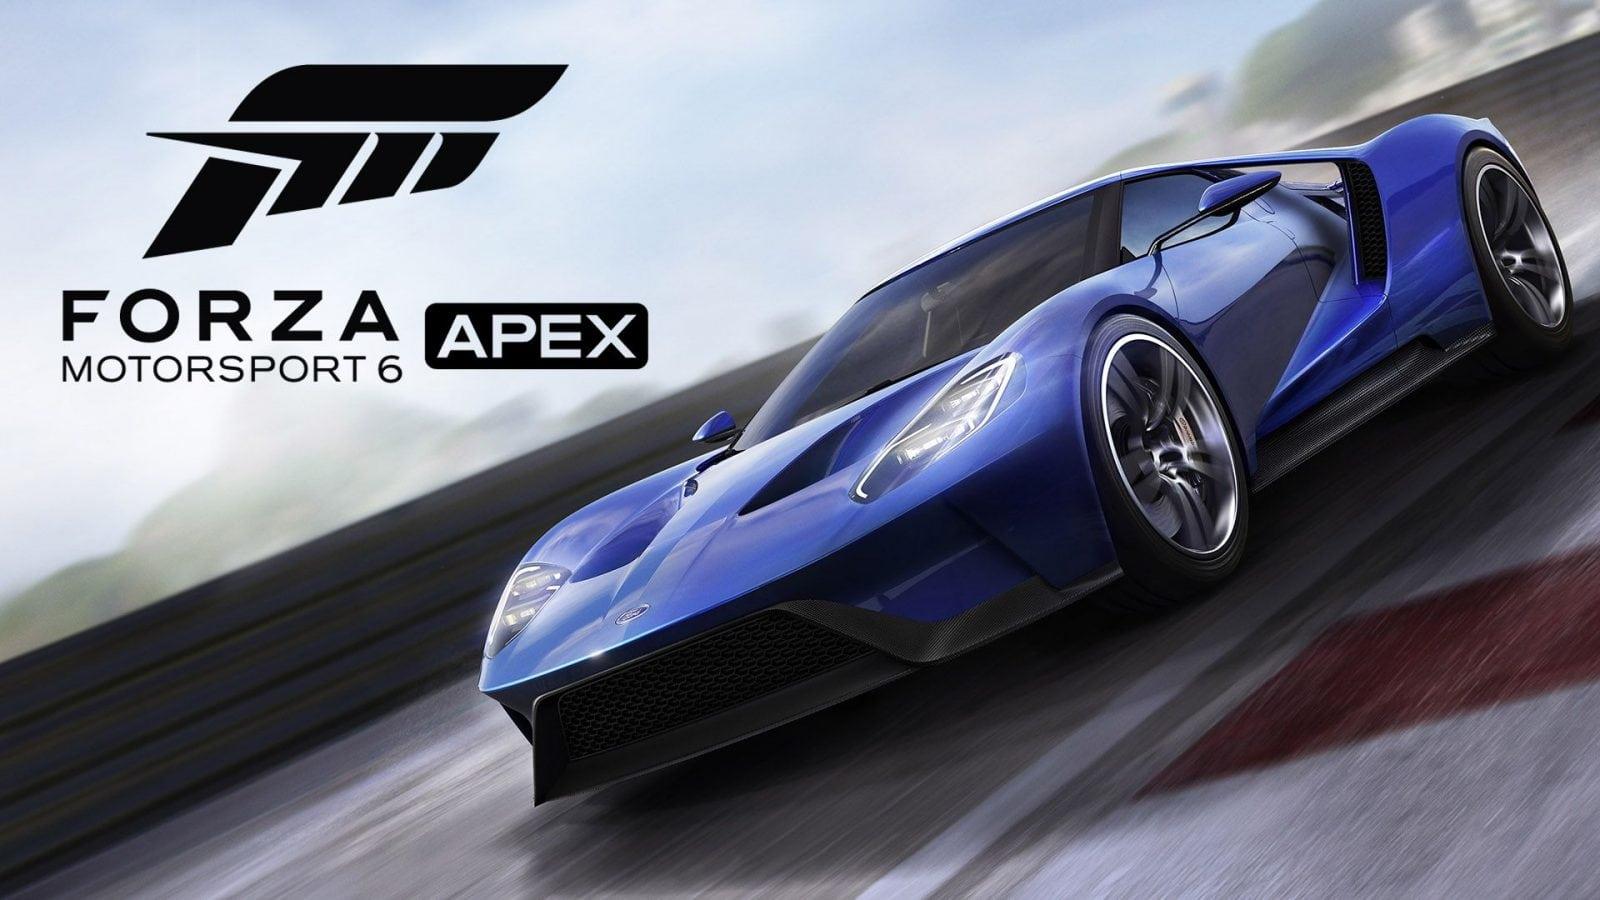 Novo vídeo de Forza Motorsport 6 APEX